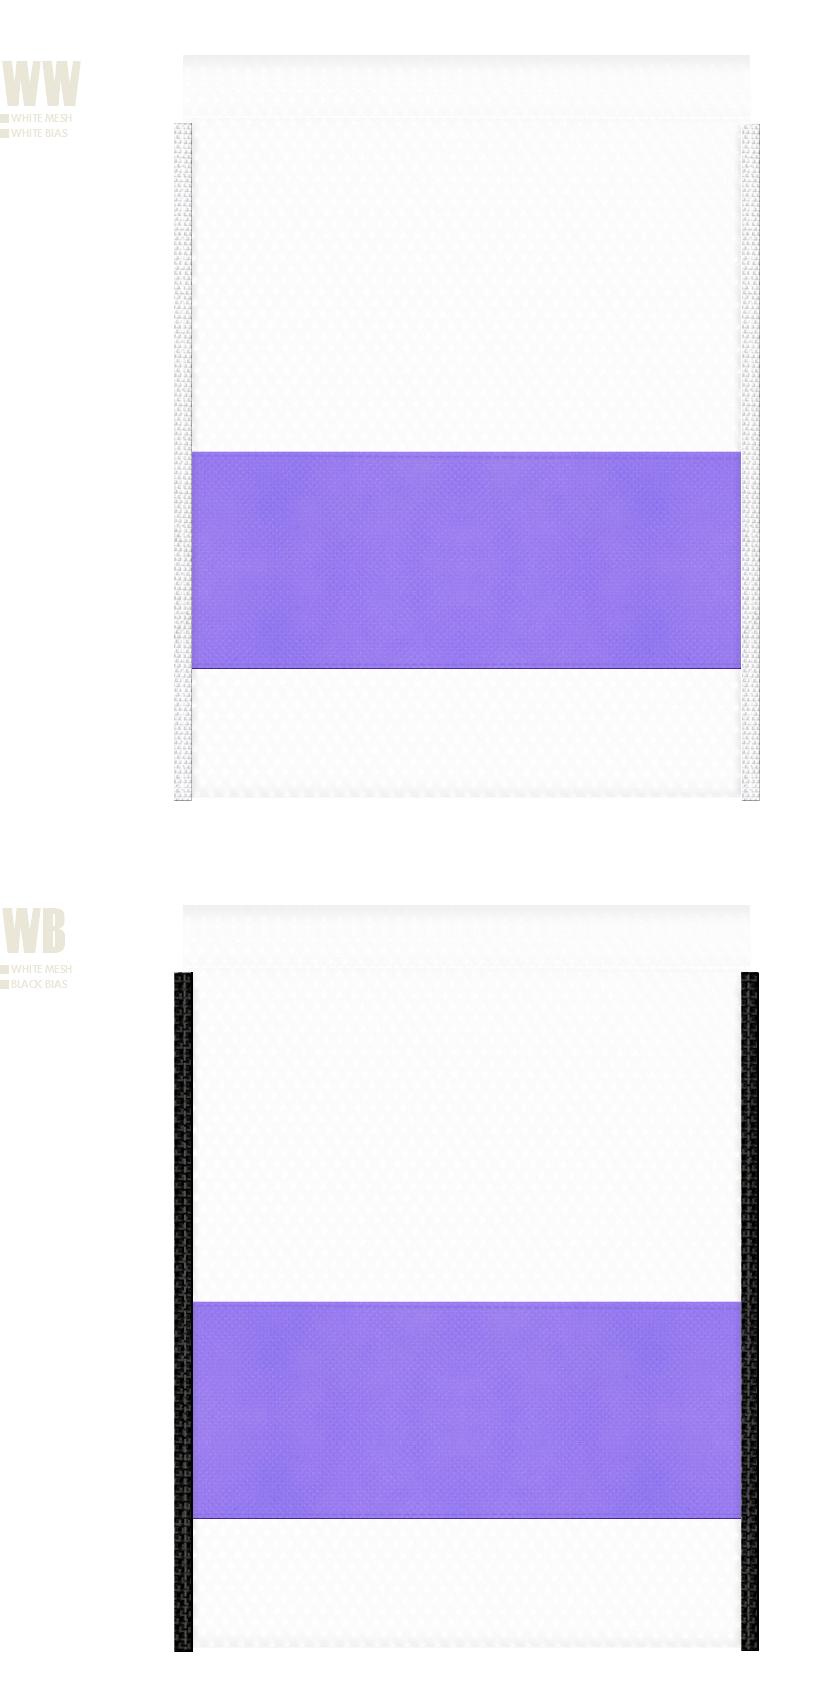 白色メッシュと薄紫色不織布のメッシュバッグカラーシミュレーション:キャンプ用品・アウトドア用品・スポーツ用品・シューズバッグ・ウィッグ・理容・整髪料の販促ノベルティにお奨め